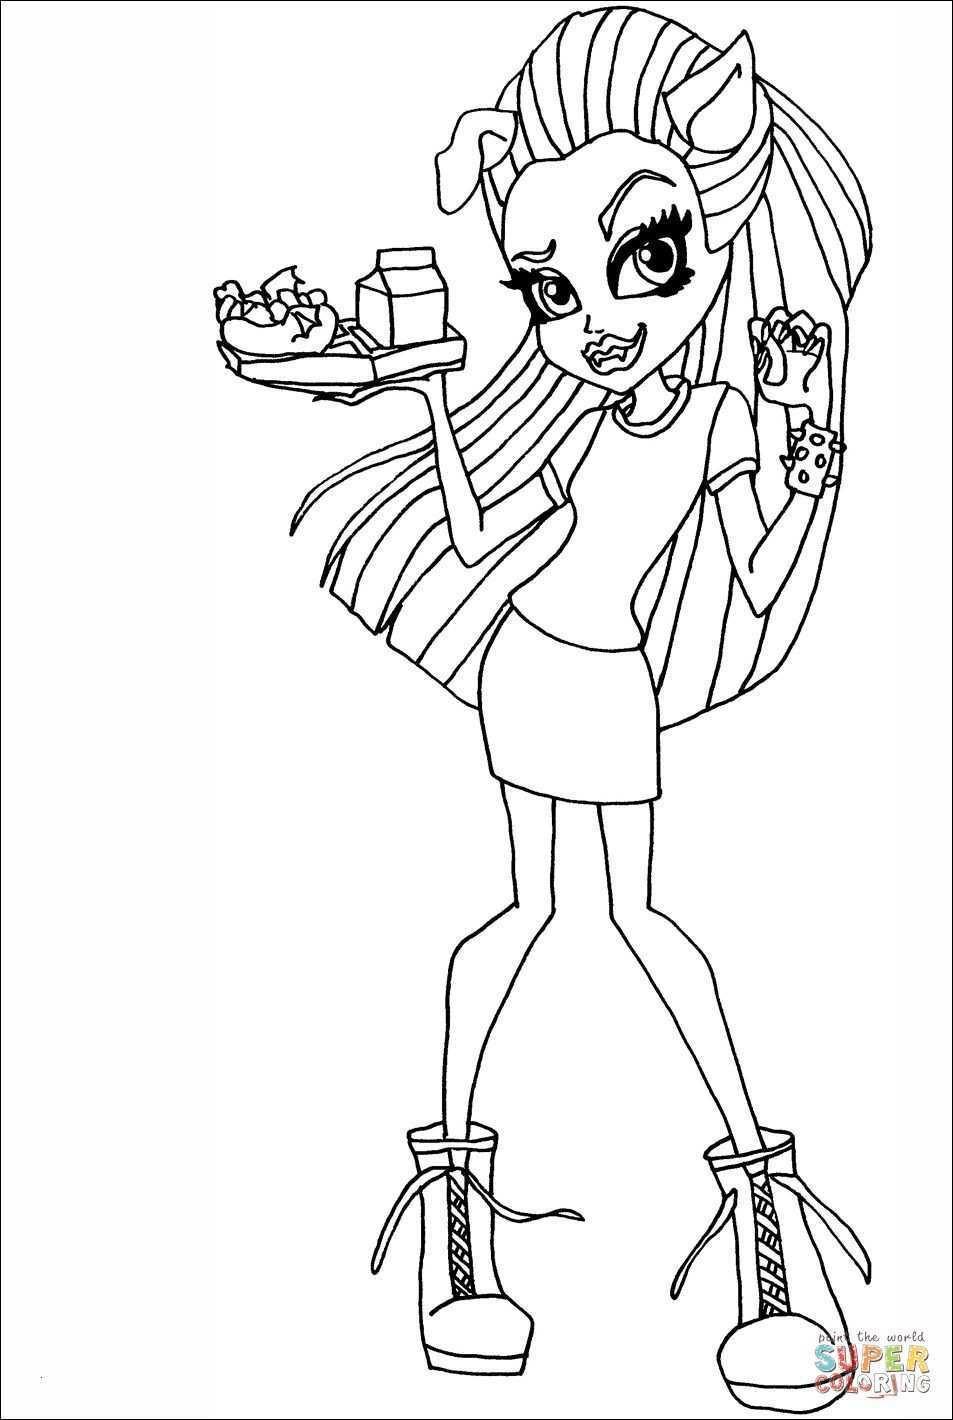 Ausmalbilder Monster High Frankie Stein  Monster High Ausmalbilder Frankie Stein